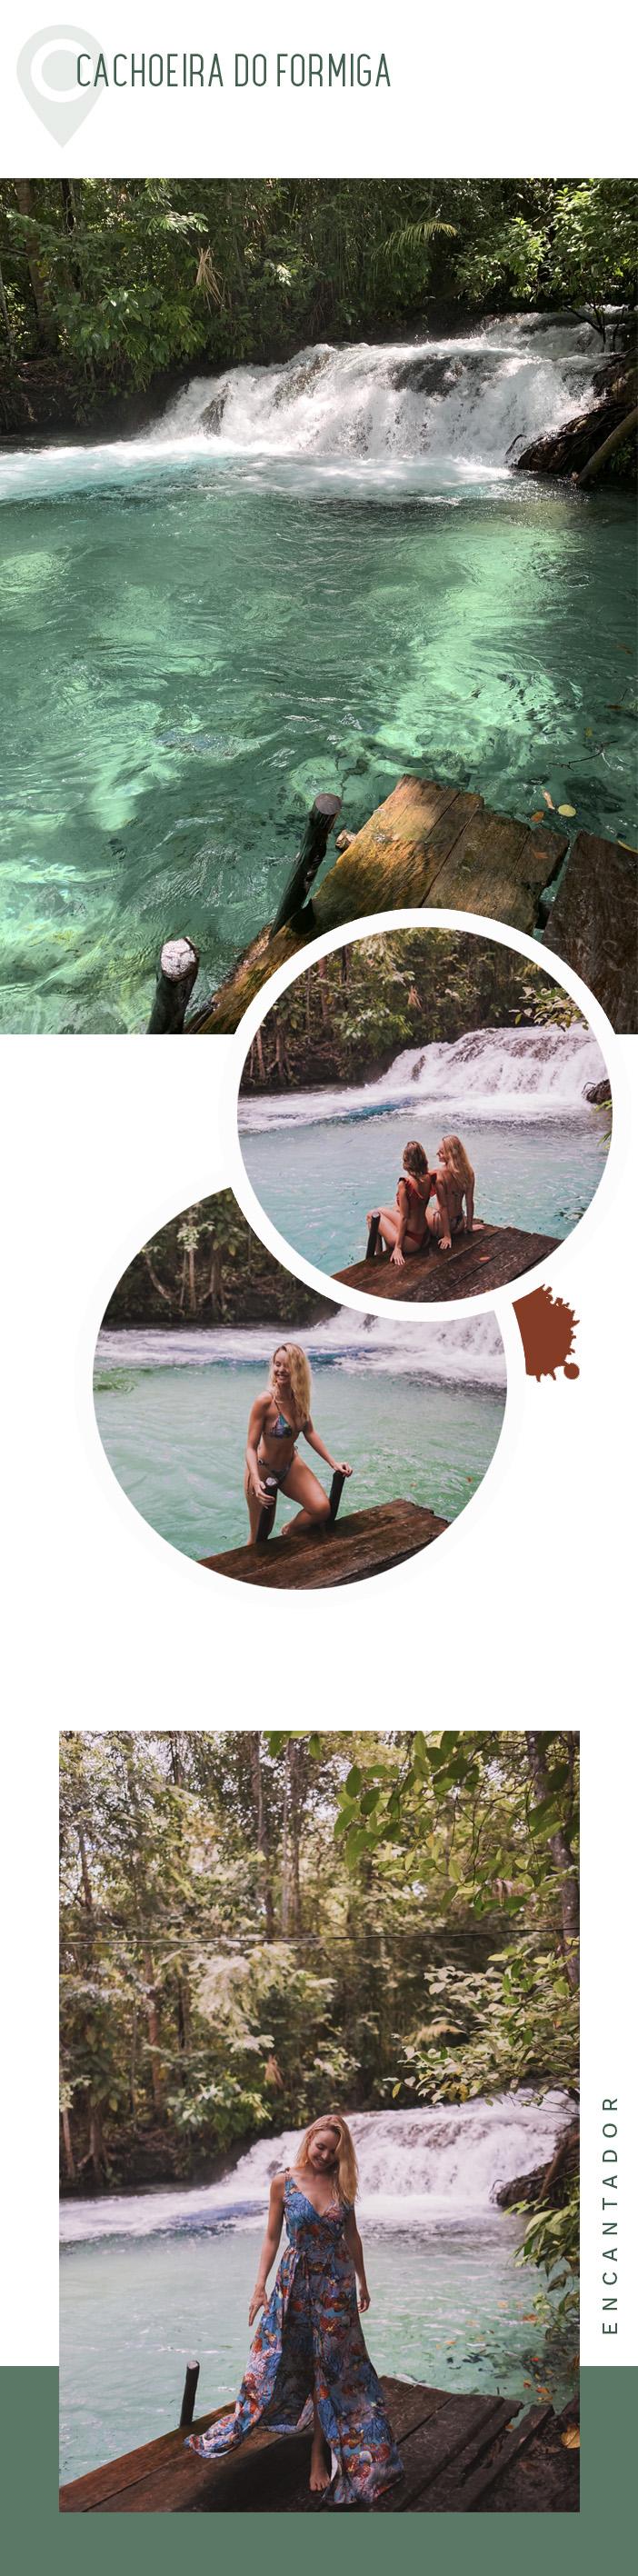 Diário de Bordo - Layla no Jalapão - Cachoeira do Formiga